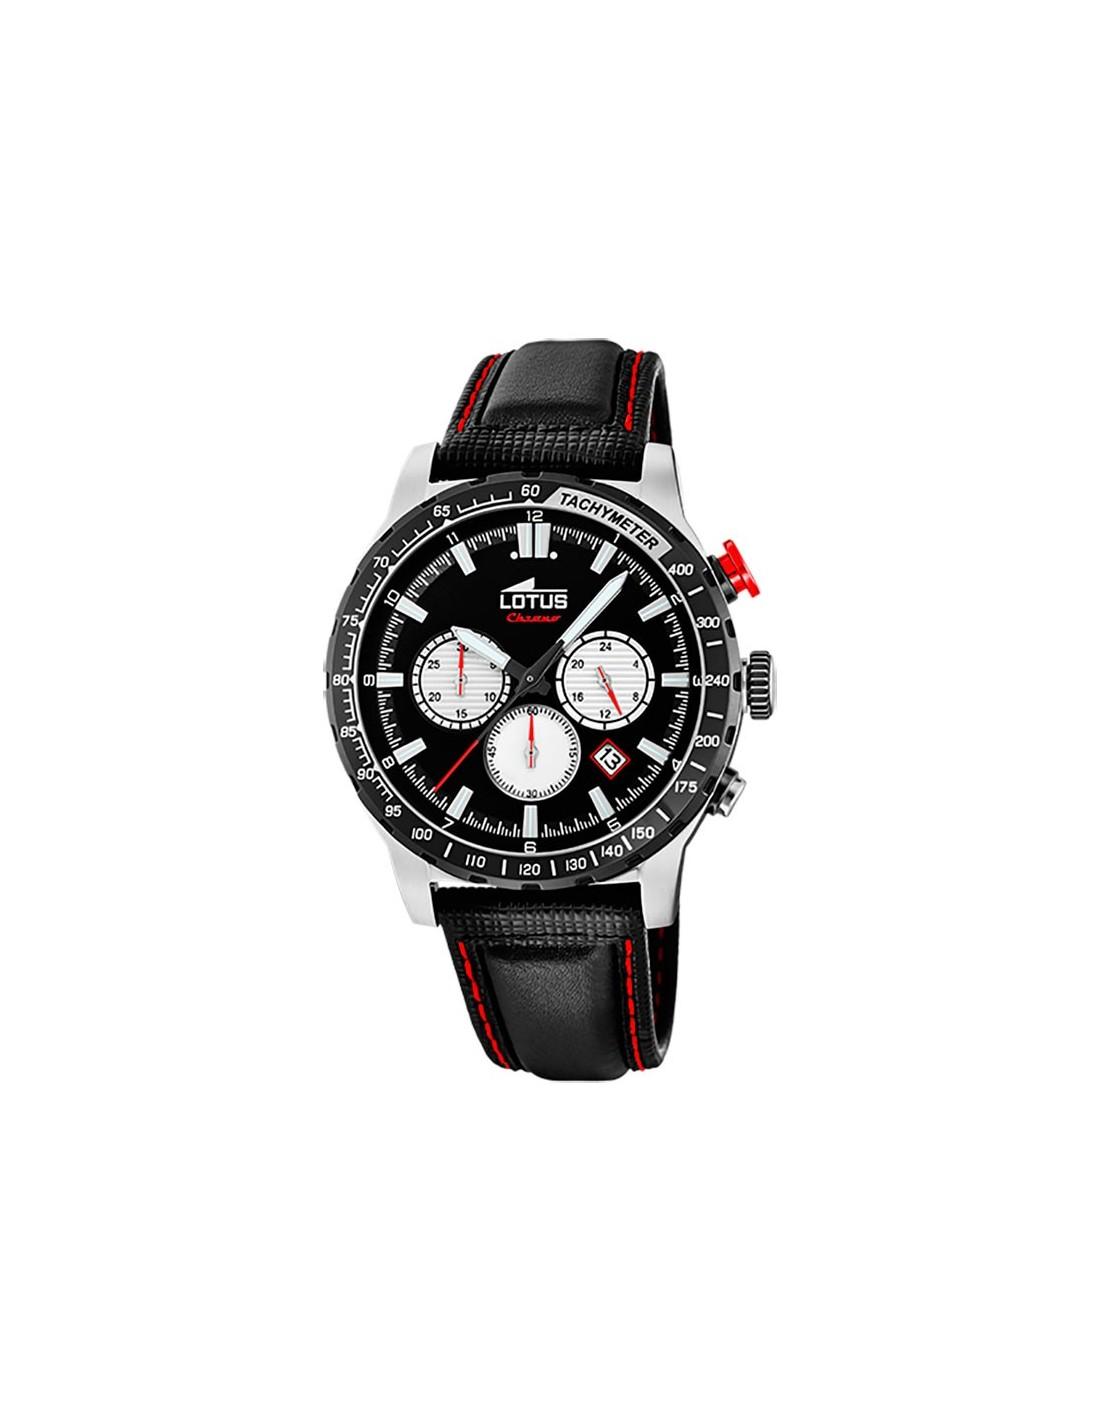 9e736bfca85d Reloj 18587 1 Lotus ...